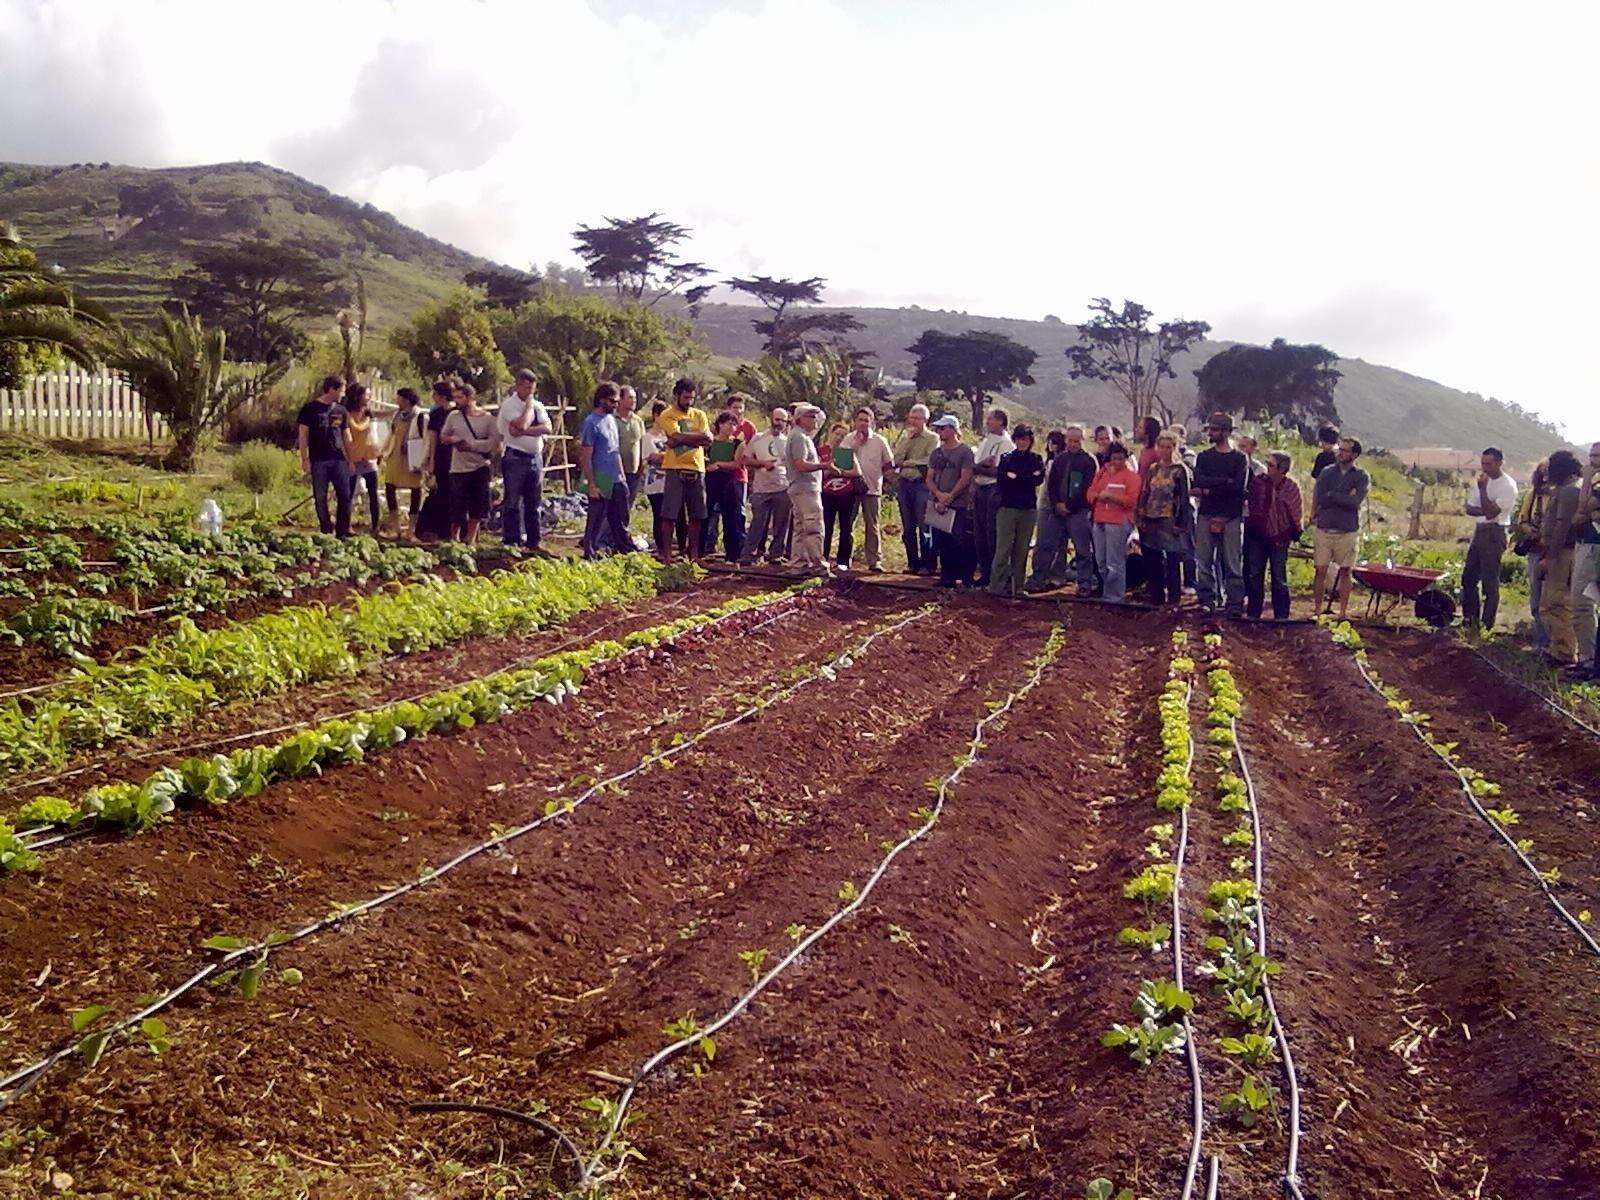 Tegueste (Tenerife) acoge la puesta en marcha de un programa para dinamizar el sector agrario